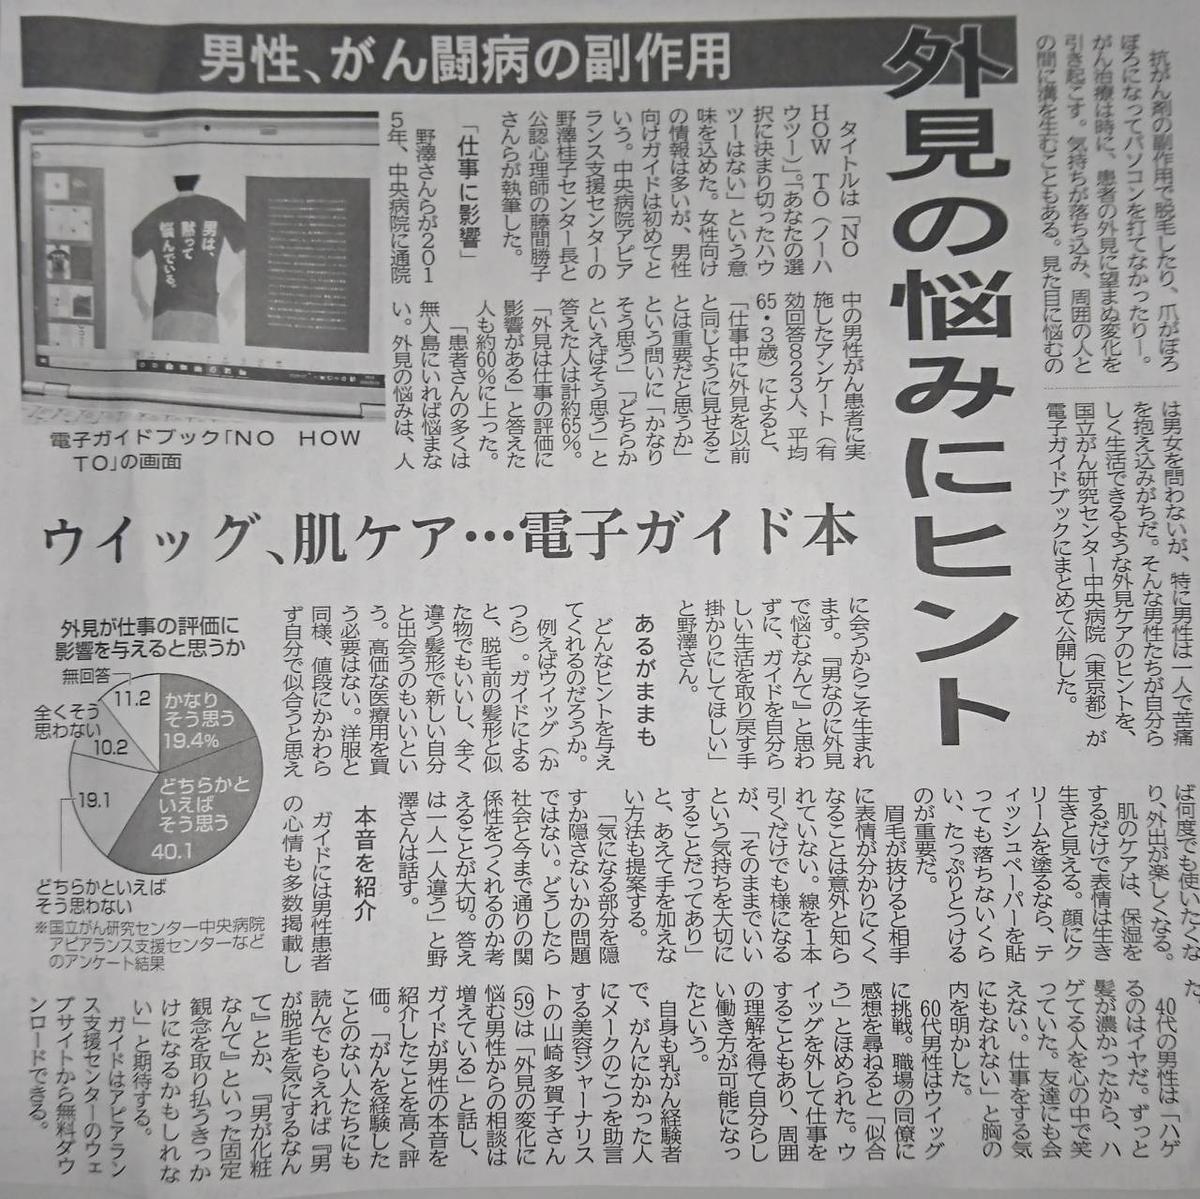 f:id:kazura-kobayashi:20200612171627j:plain